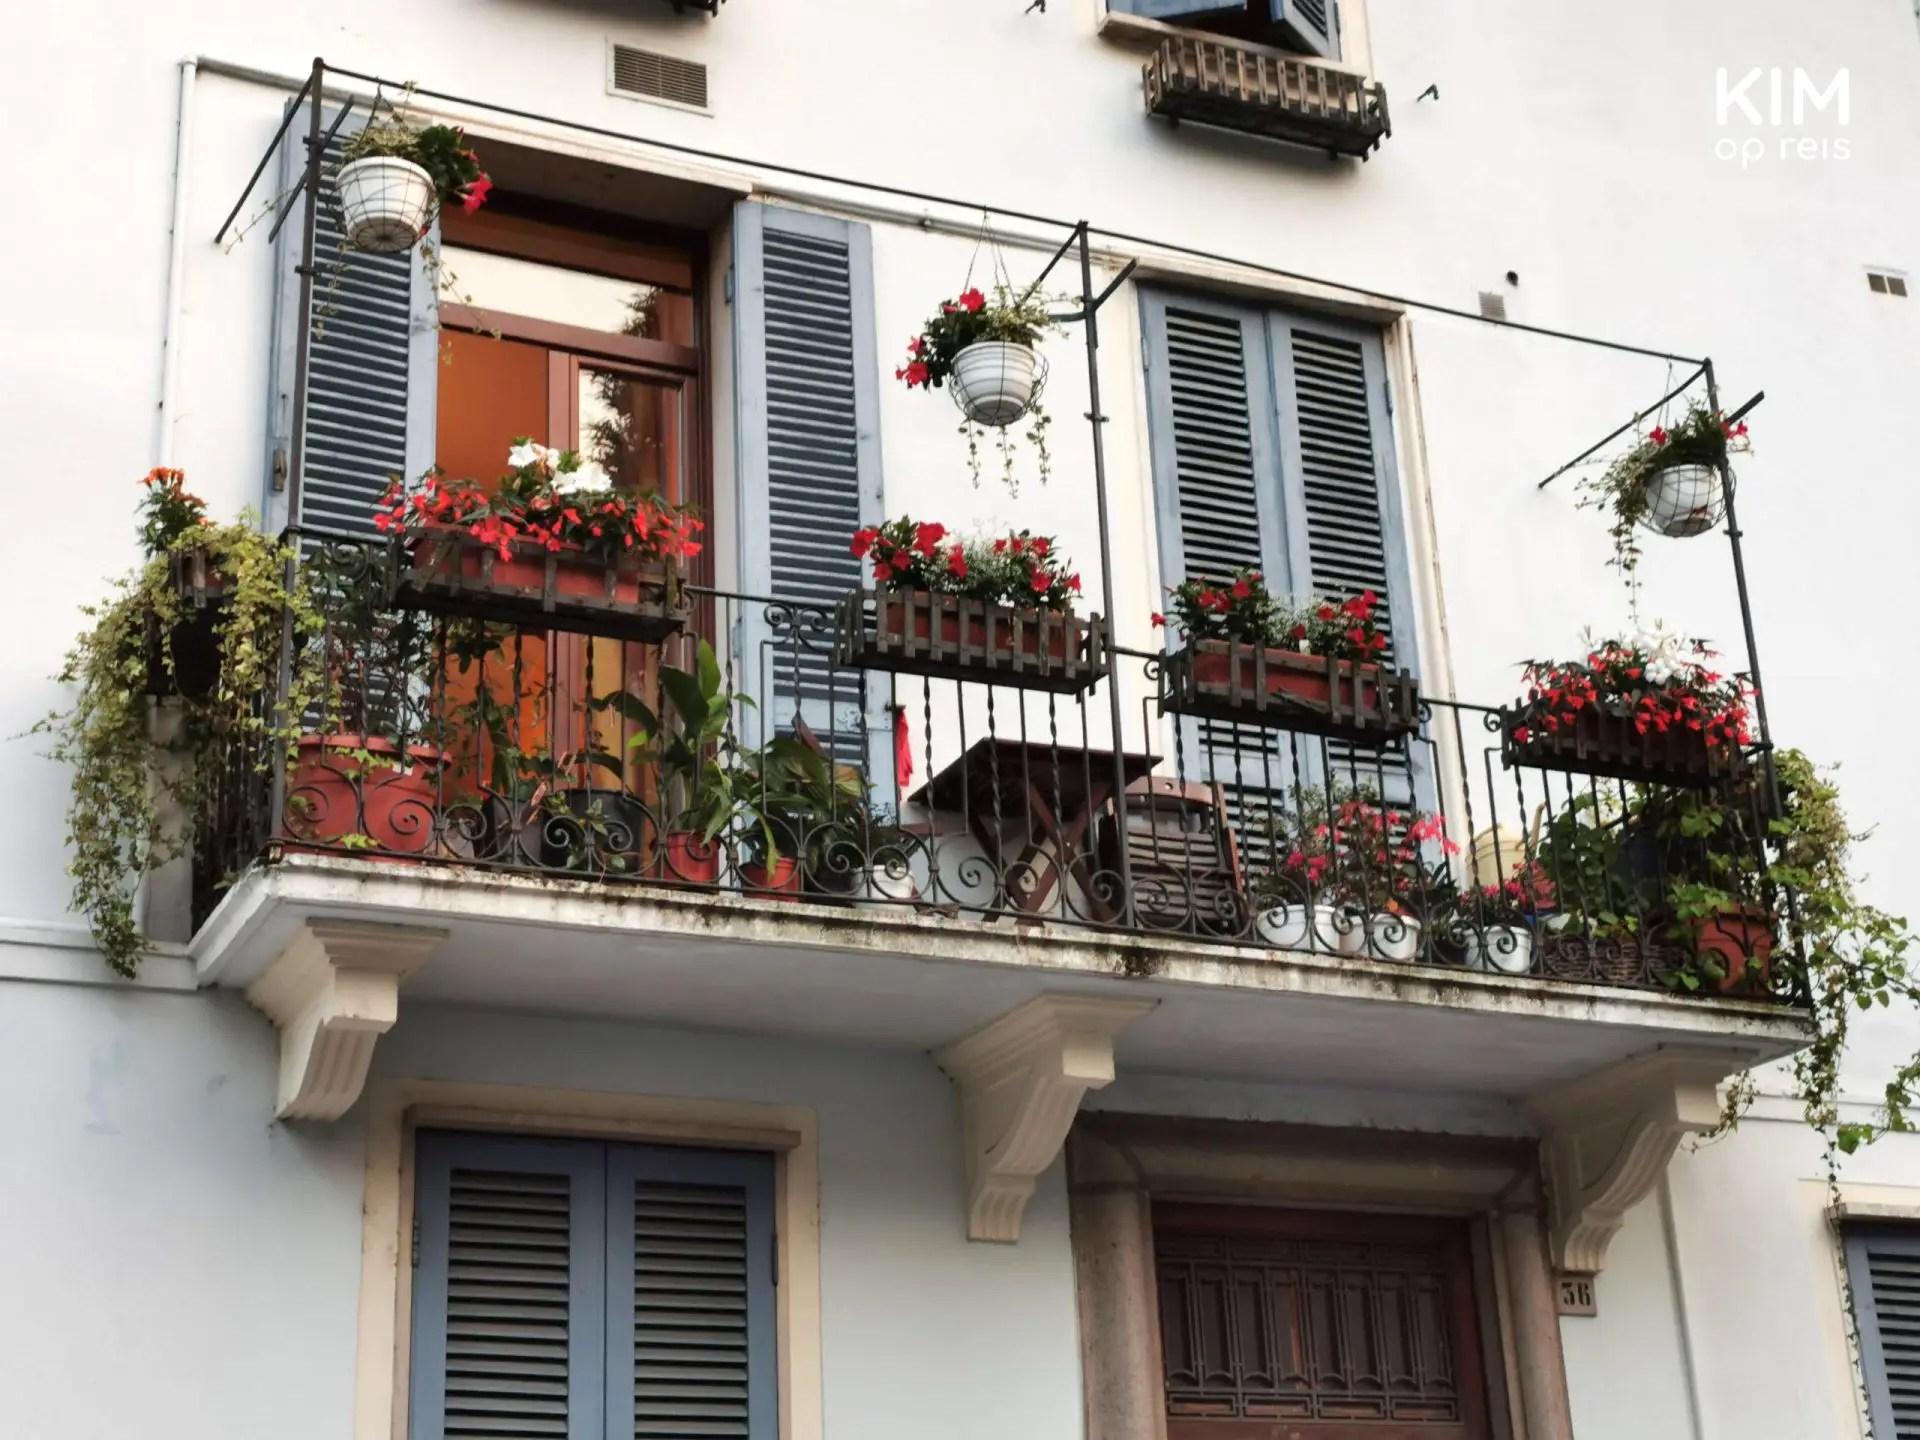 Kleurrijk balkon in Salò - balkon met blauwe klapdeurtjes en veel plantenbakken met bloemen